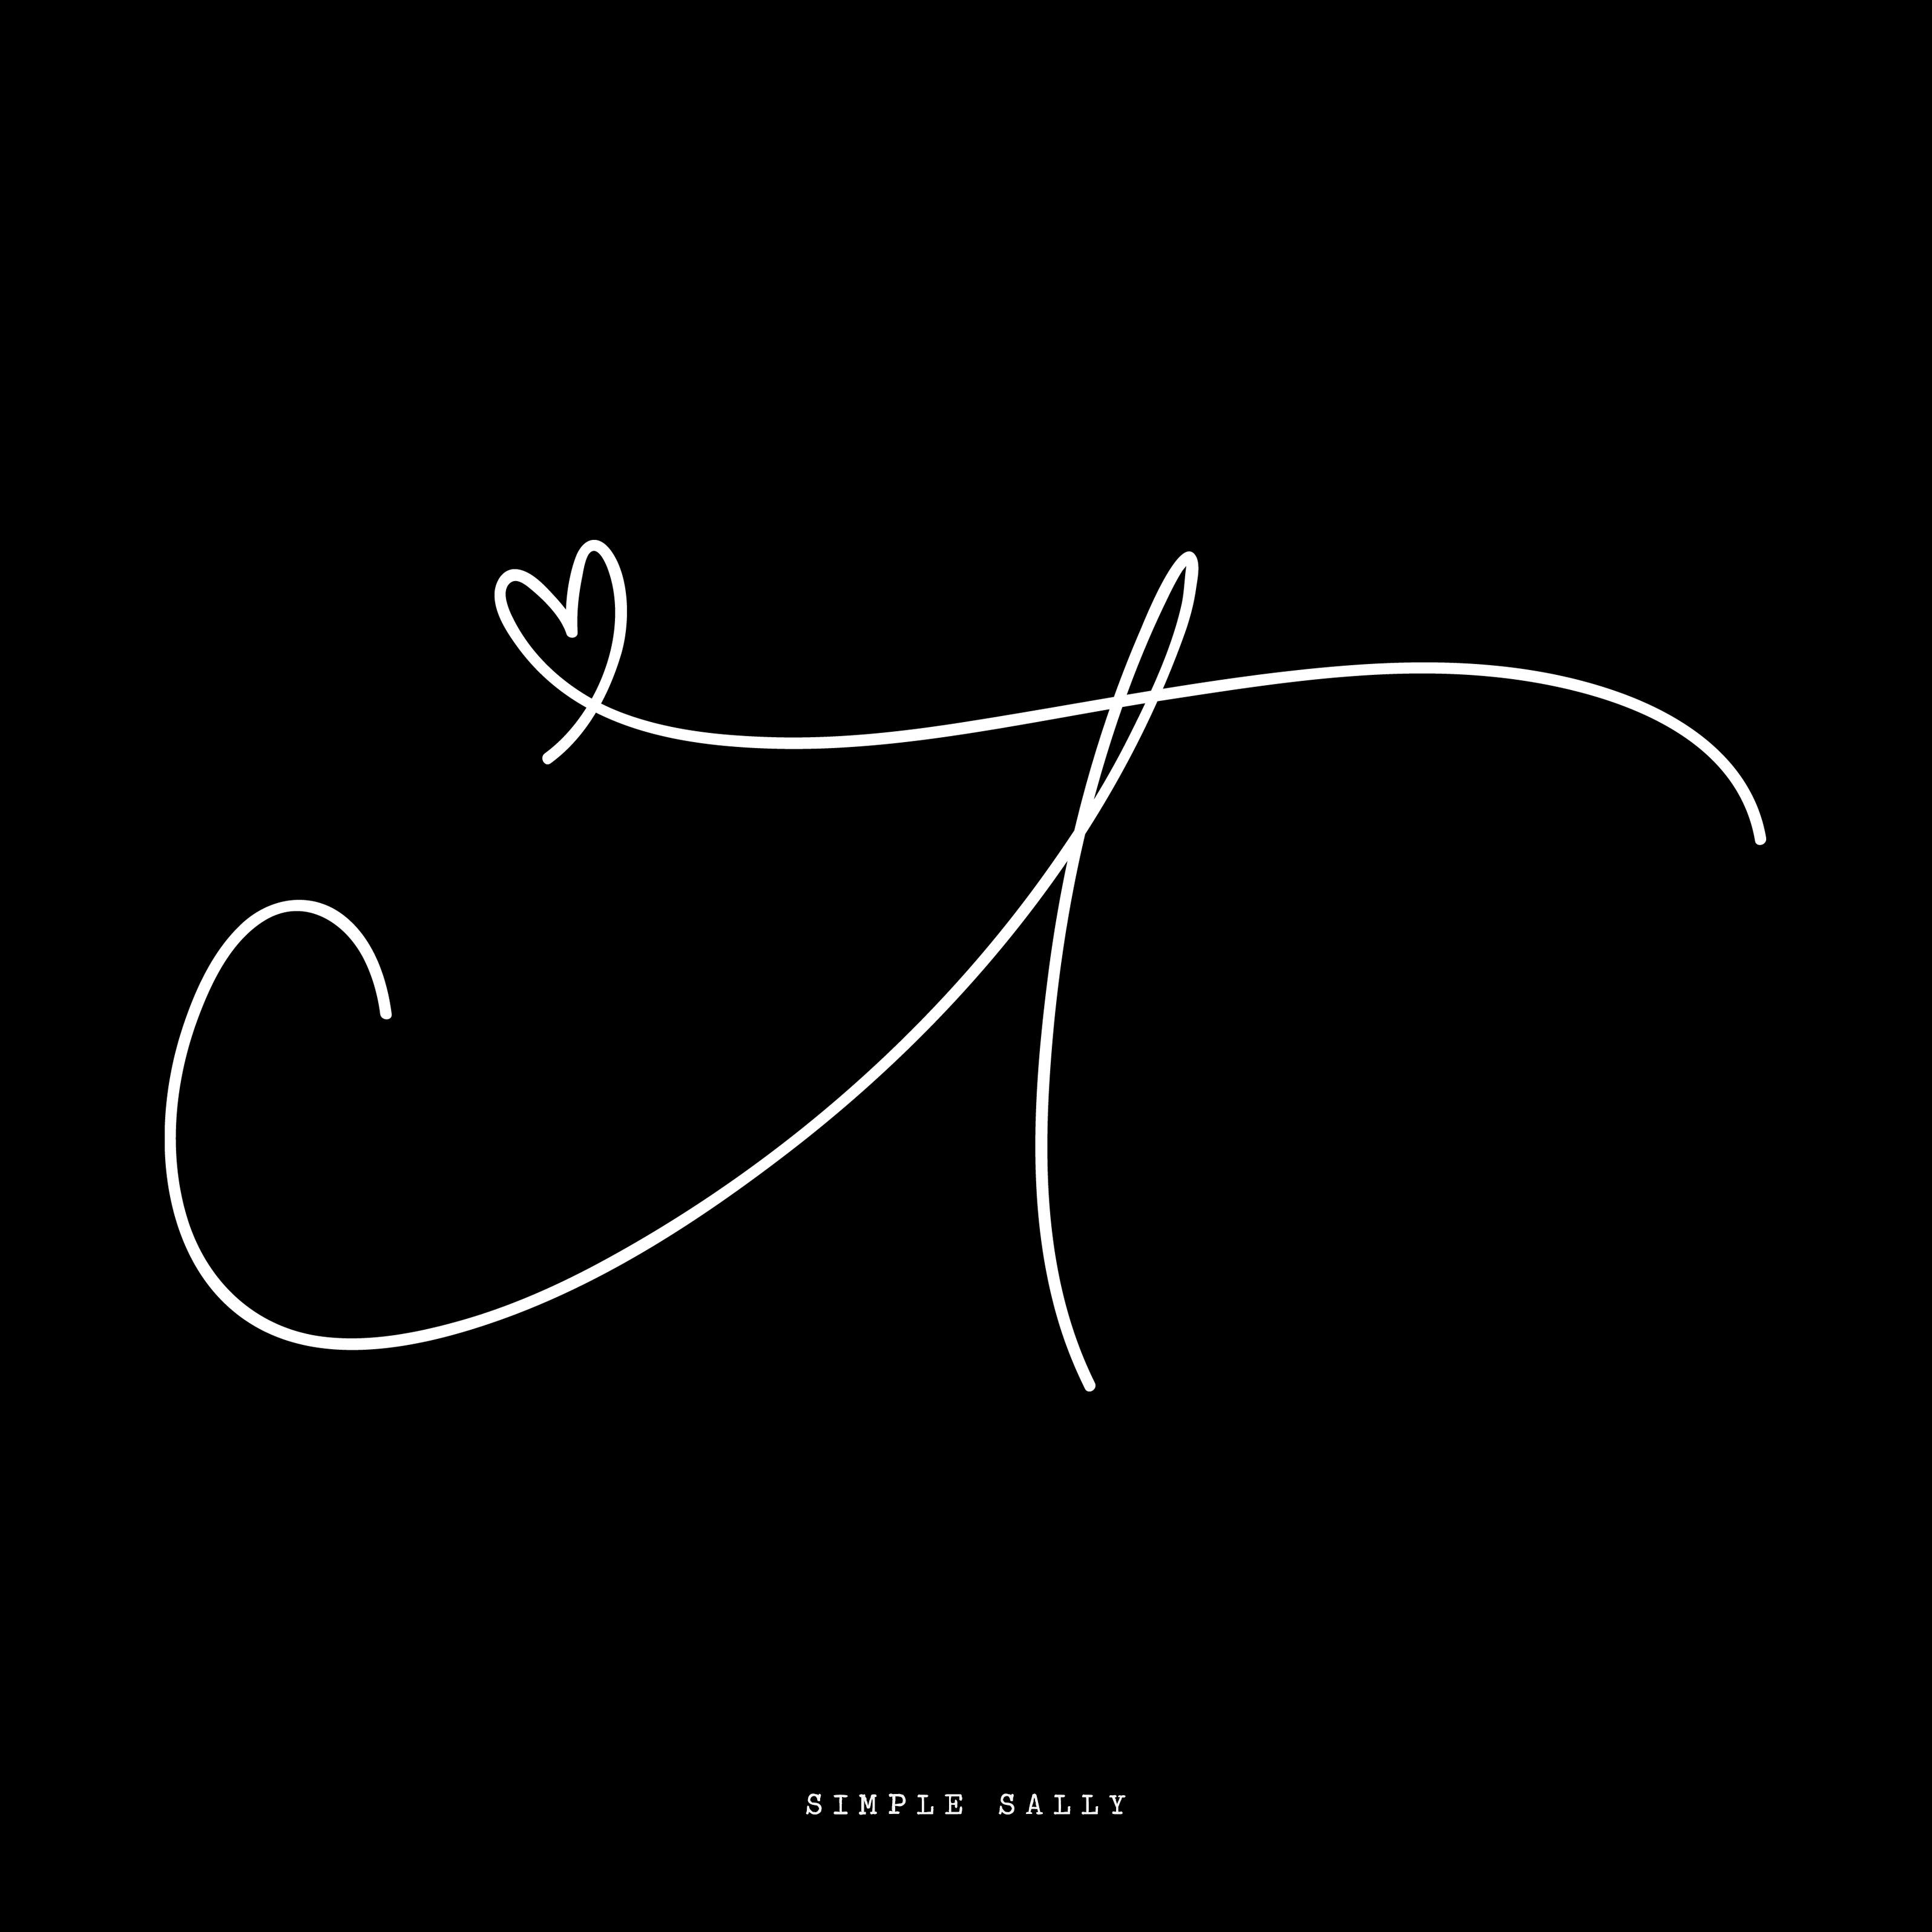 #initials #tattoo #initialstattoo #tinytattoo #simpletattoo #simplesally